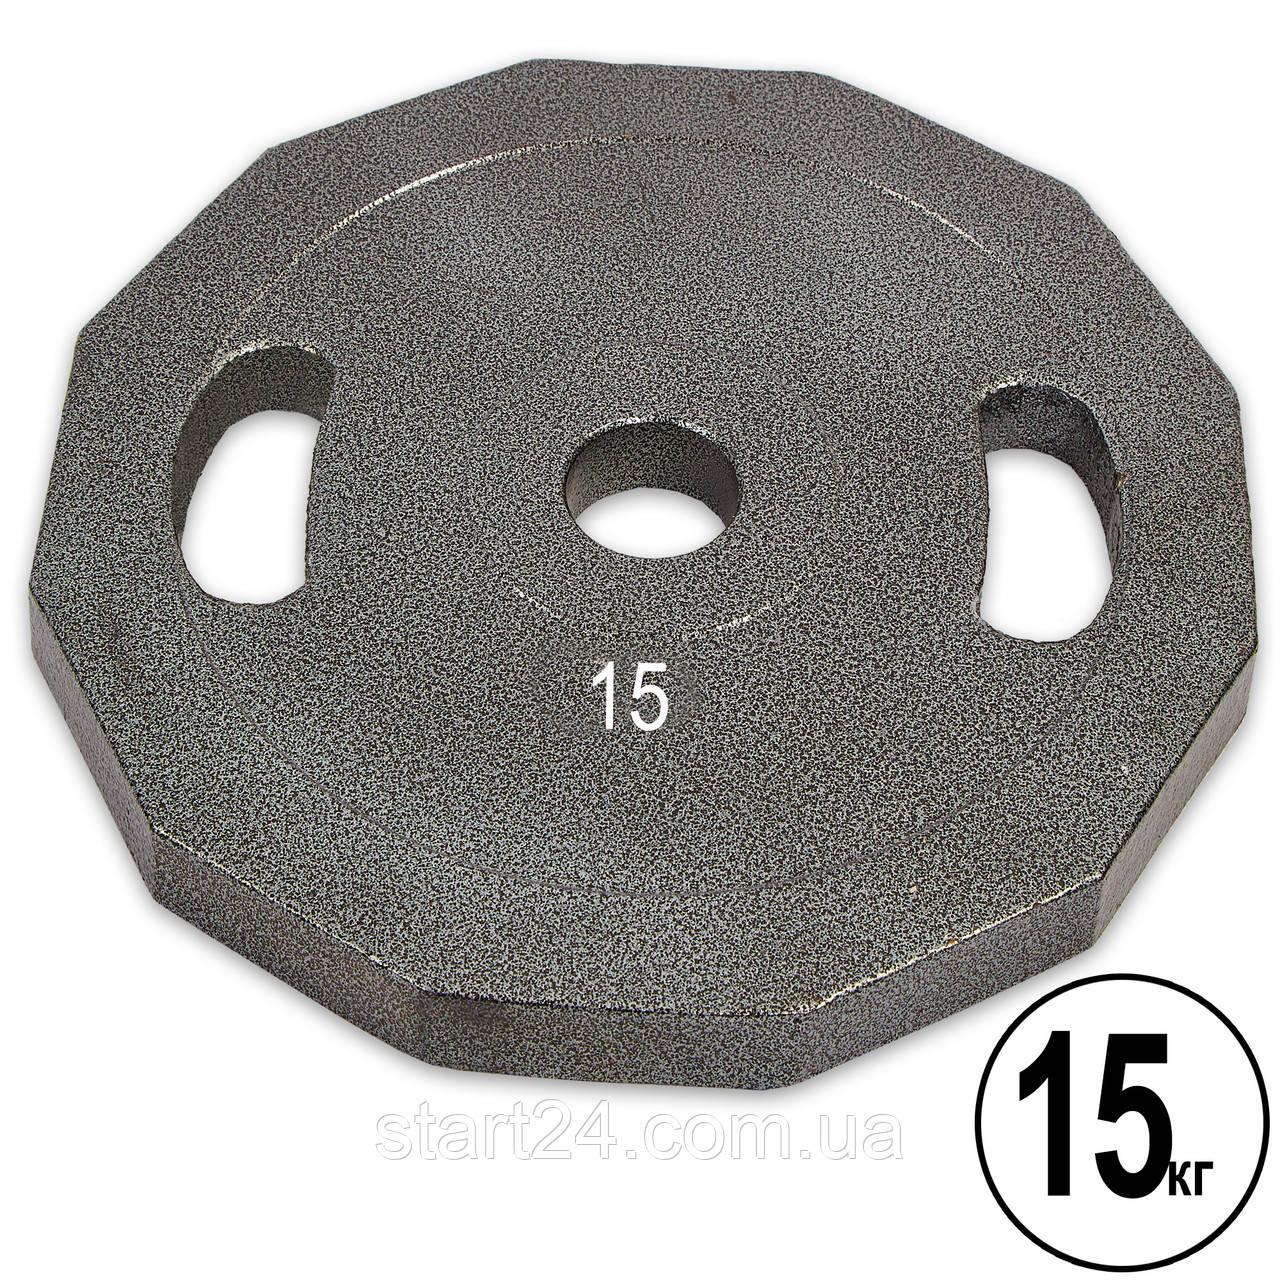 Млинці (диски) сталеві з хватом пофарбовані d-52мм UR Newt NT-5221-15 15кг (сталь пофарбована, сірий)